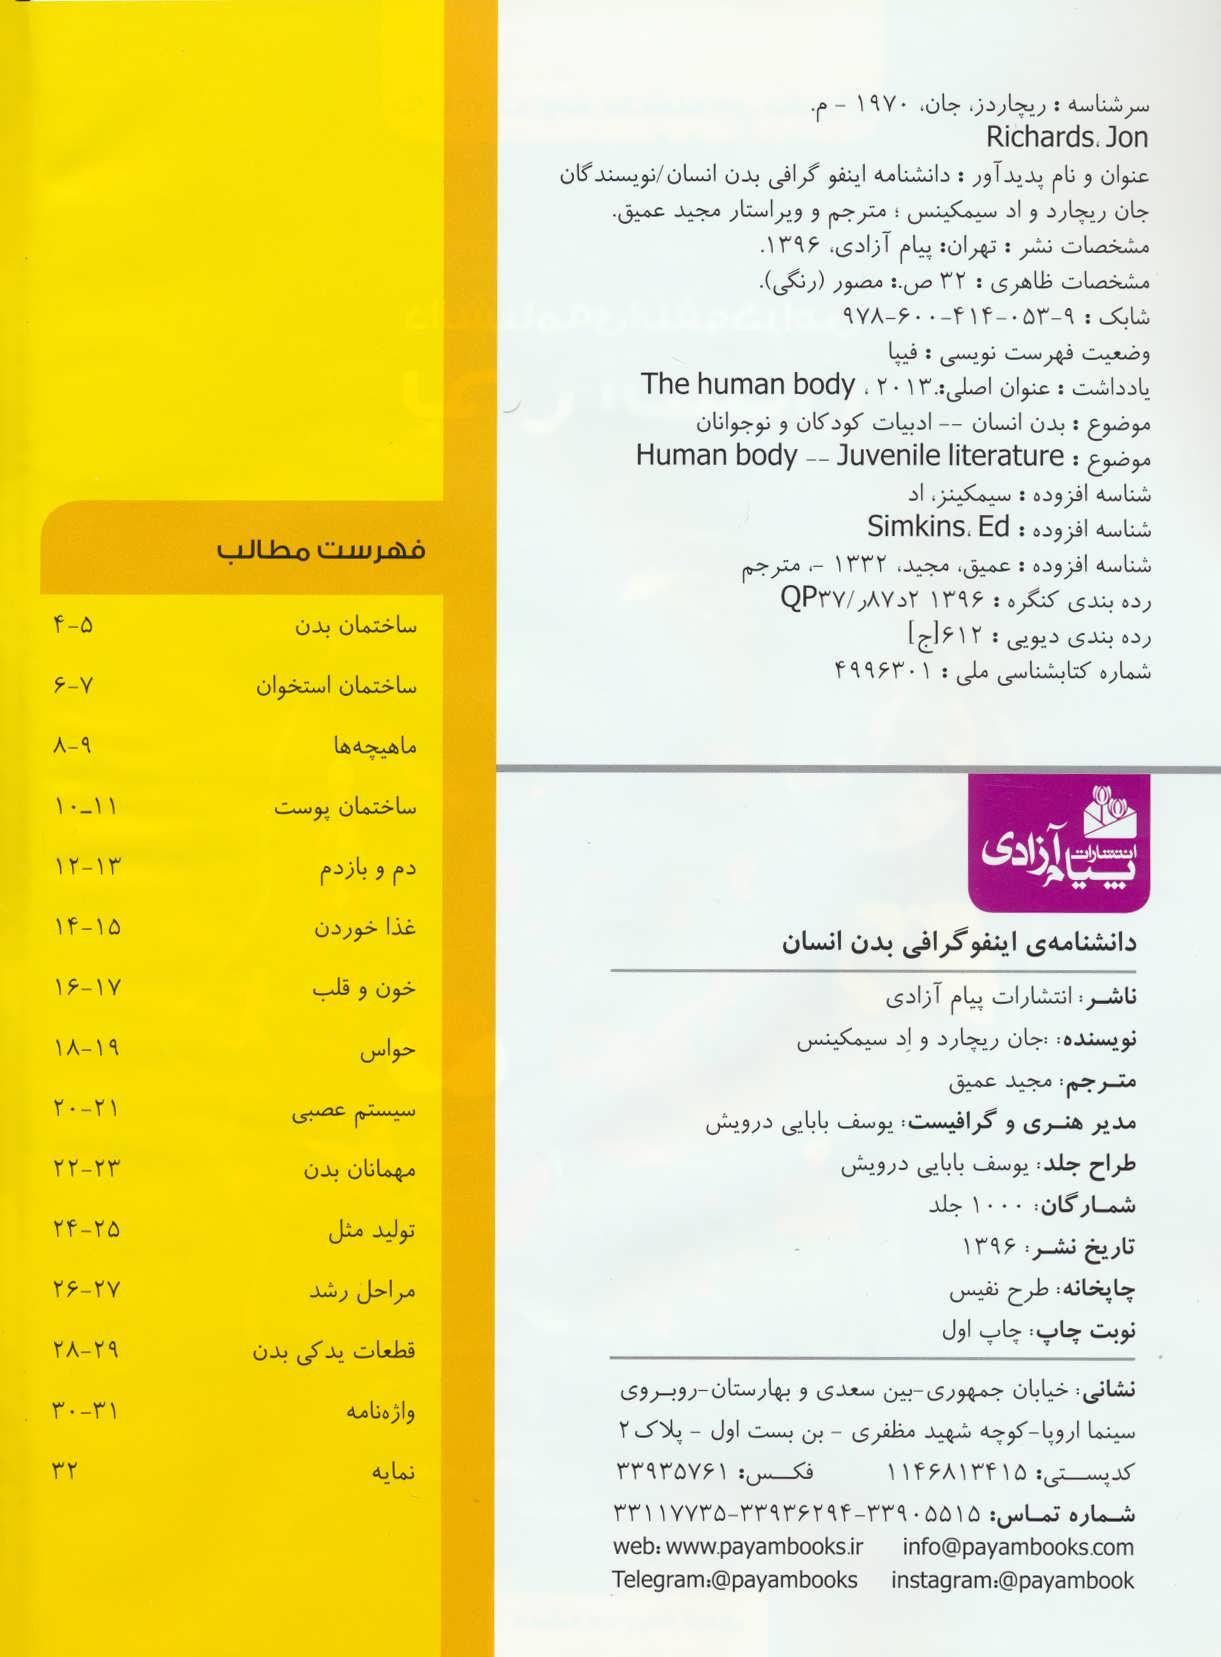 مجموعه دانشنامه ی اینفوگرافی (گلاسه)